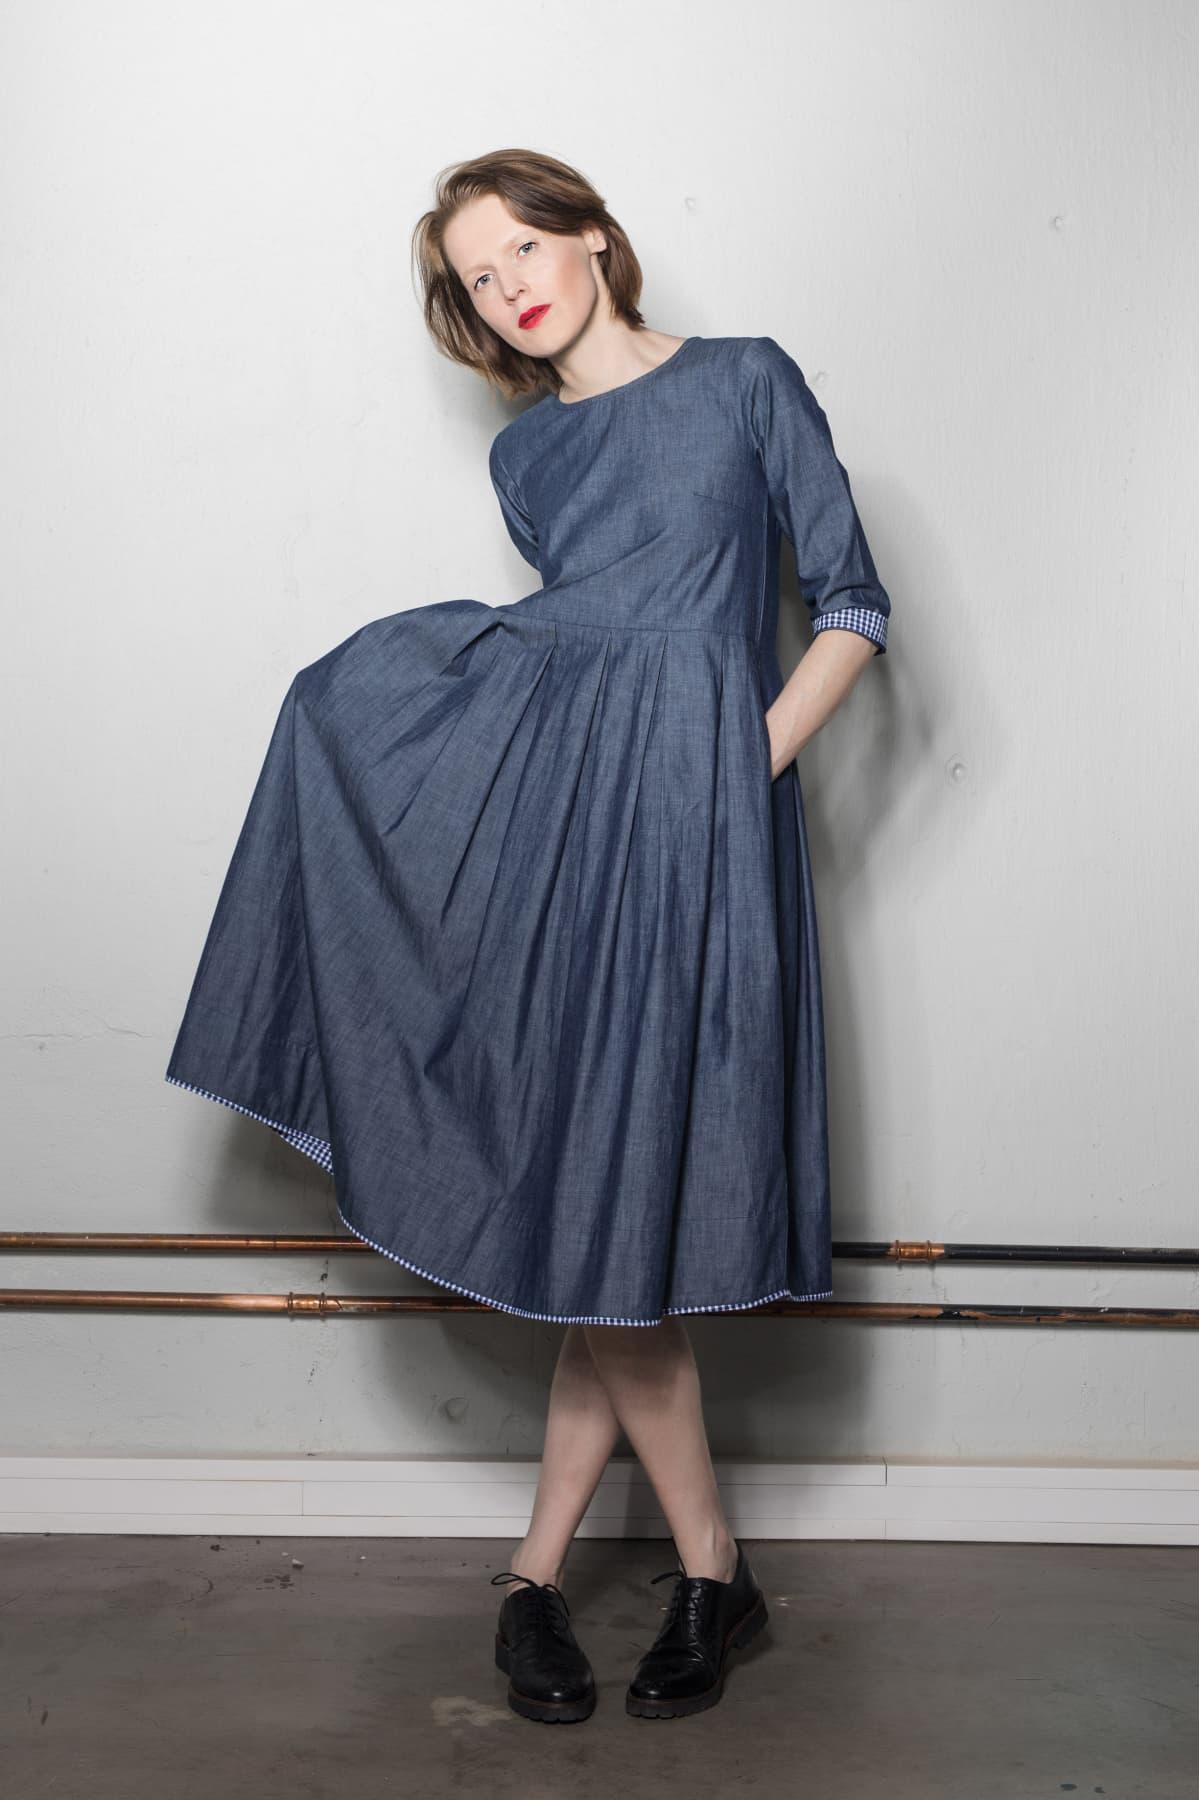 sininen mekko naisen päällä